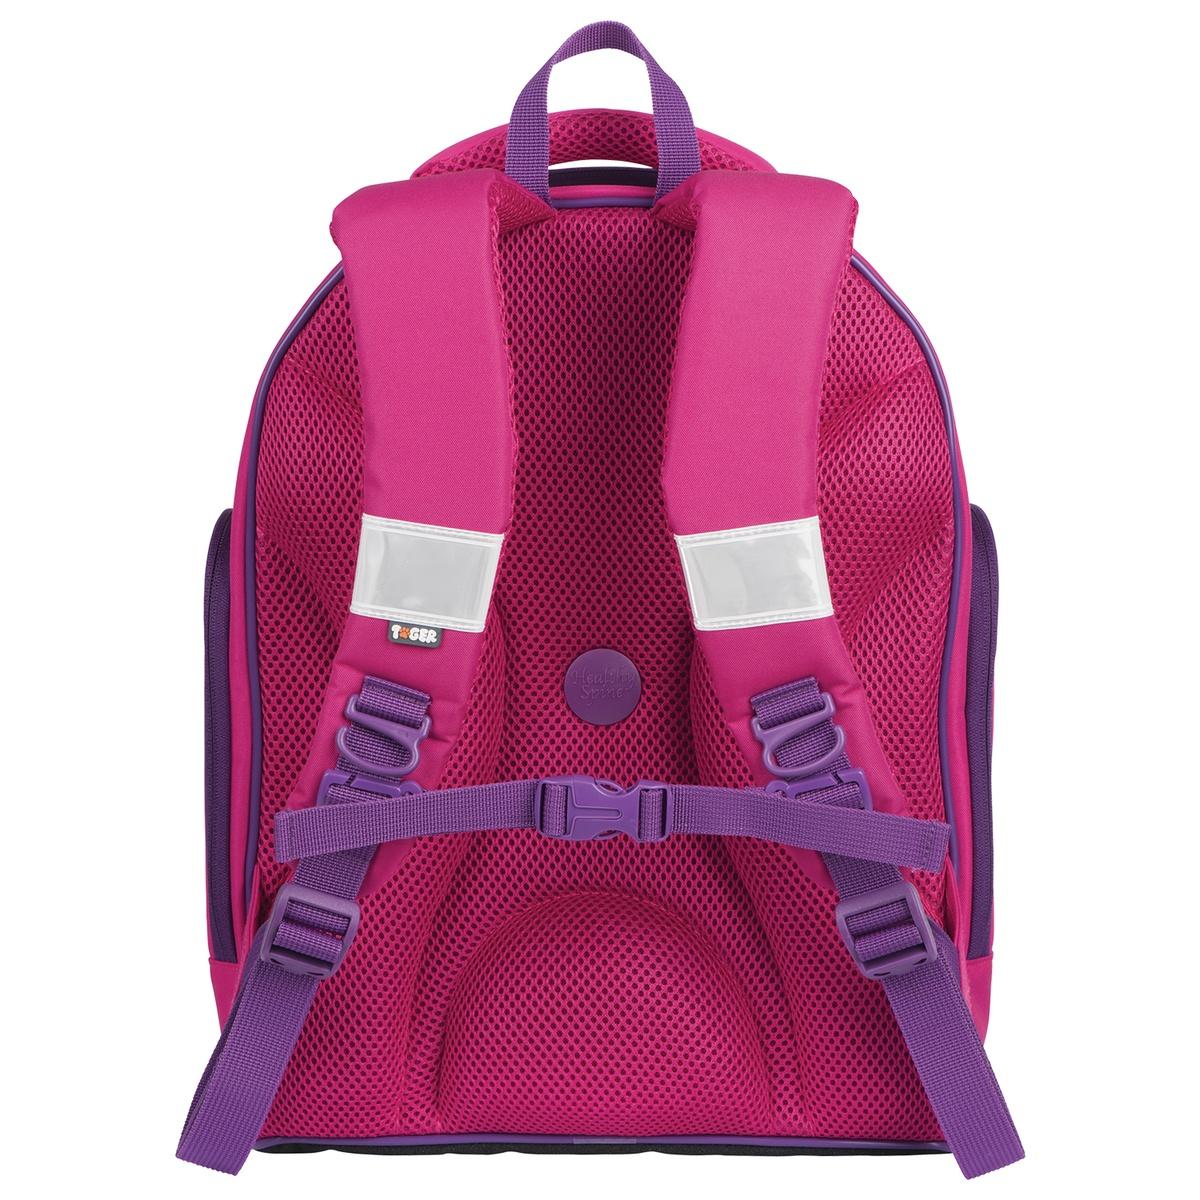 82fda74807f0 ... Рюкзак Tiger Family с ортопедической спинкой для средней школы,  университета, розово-фиолетовый,